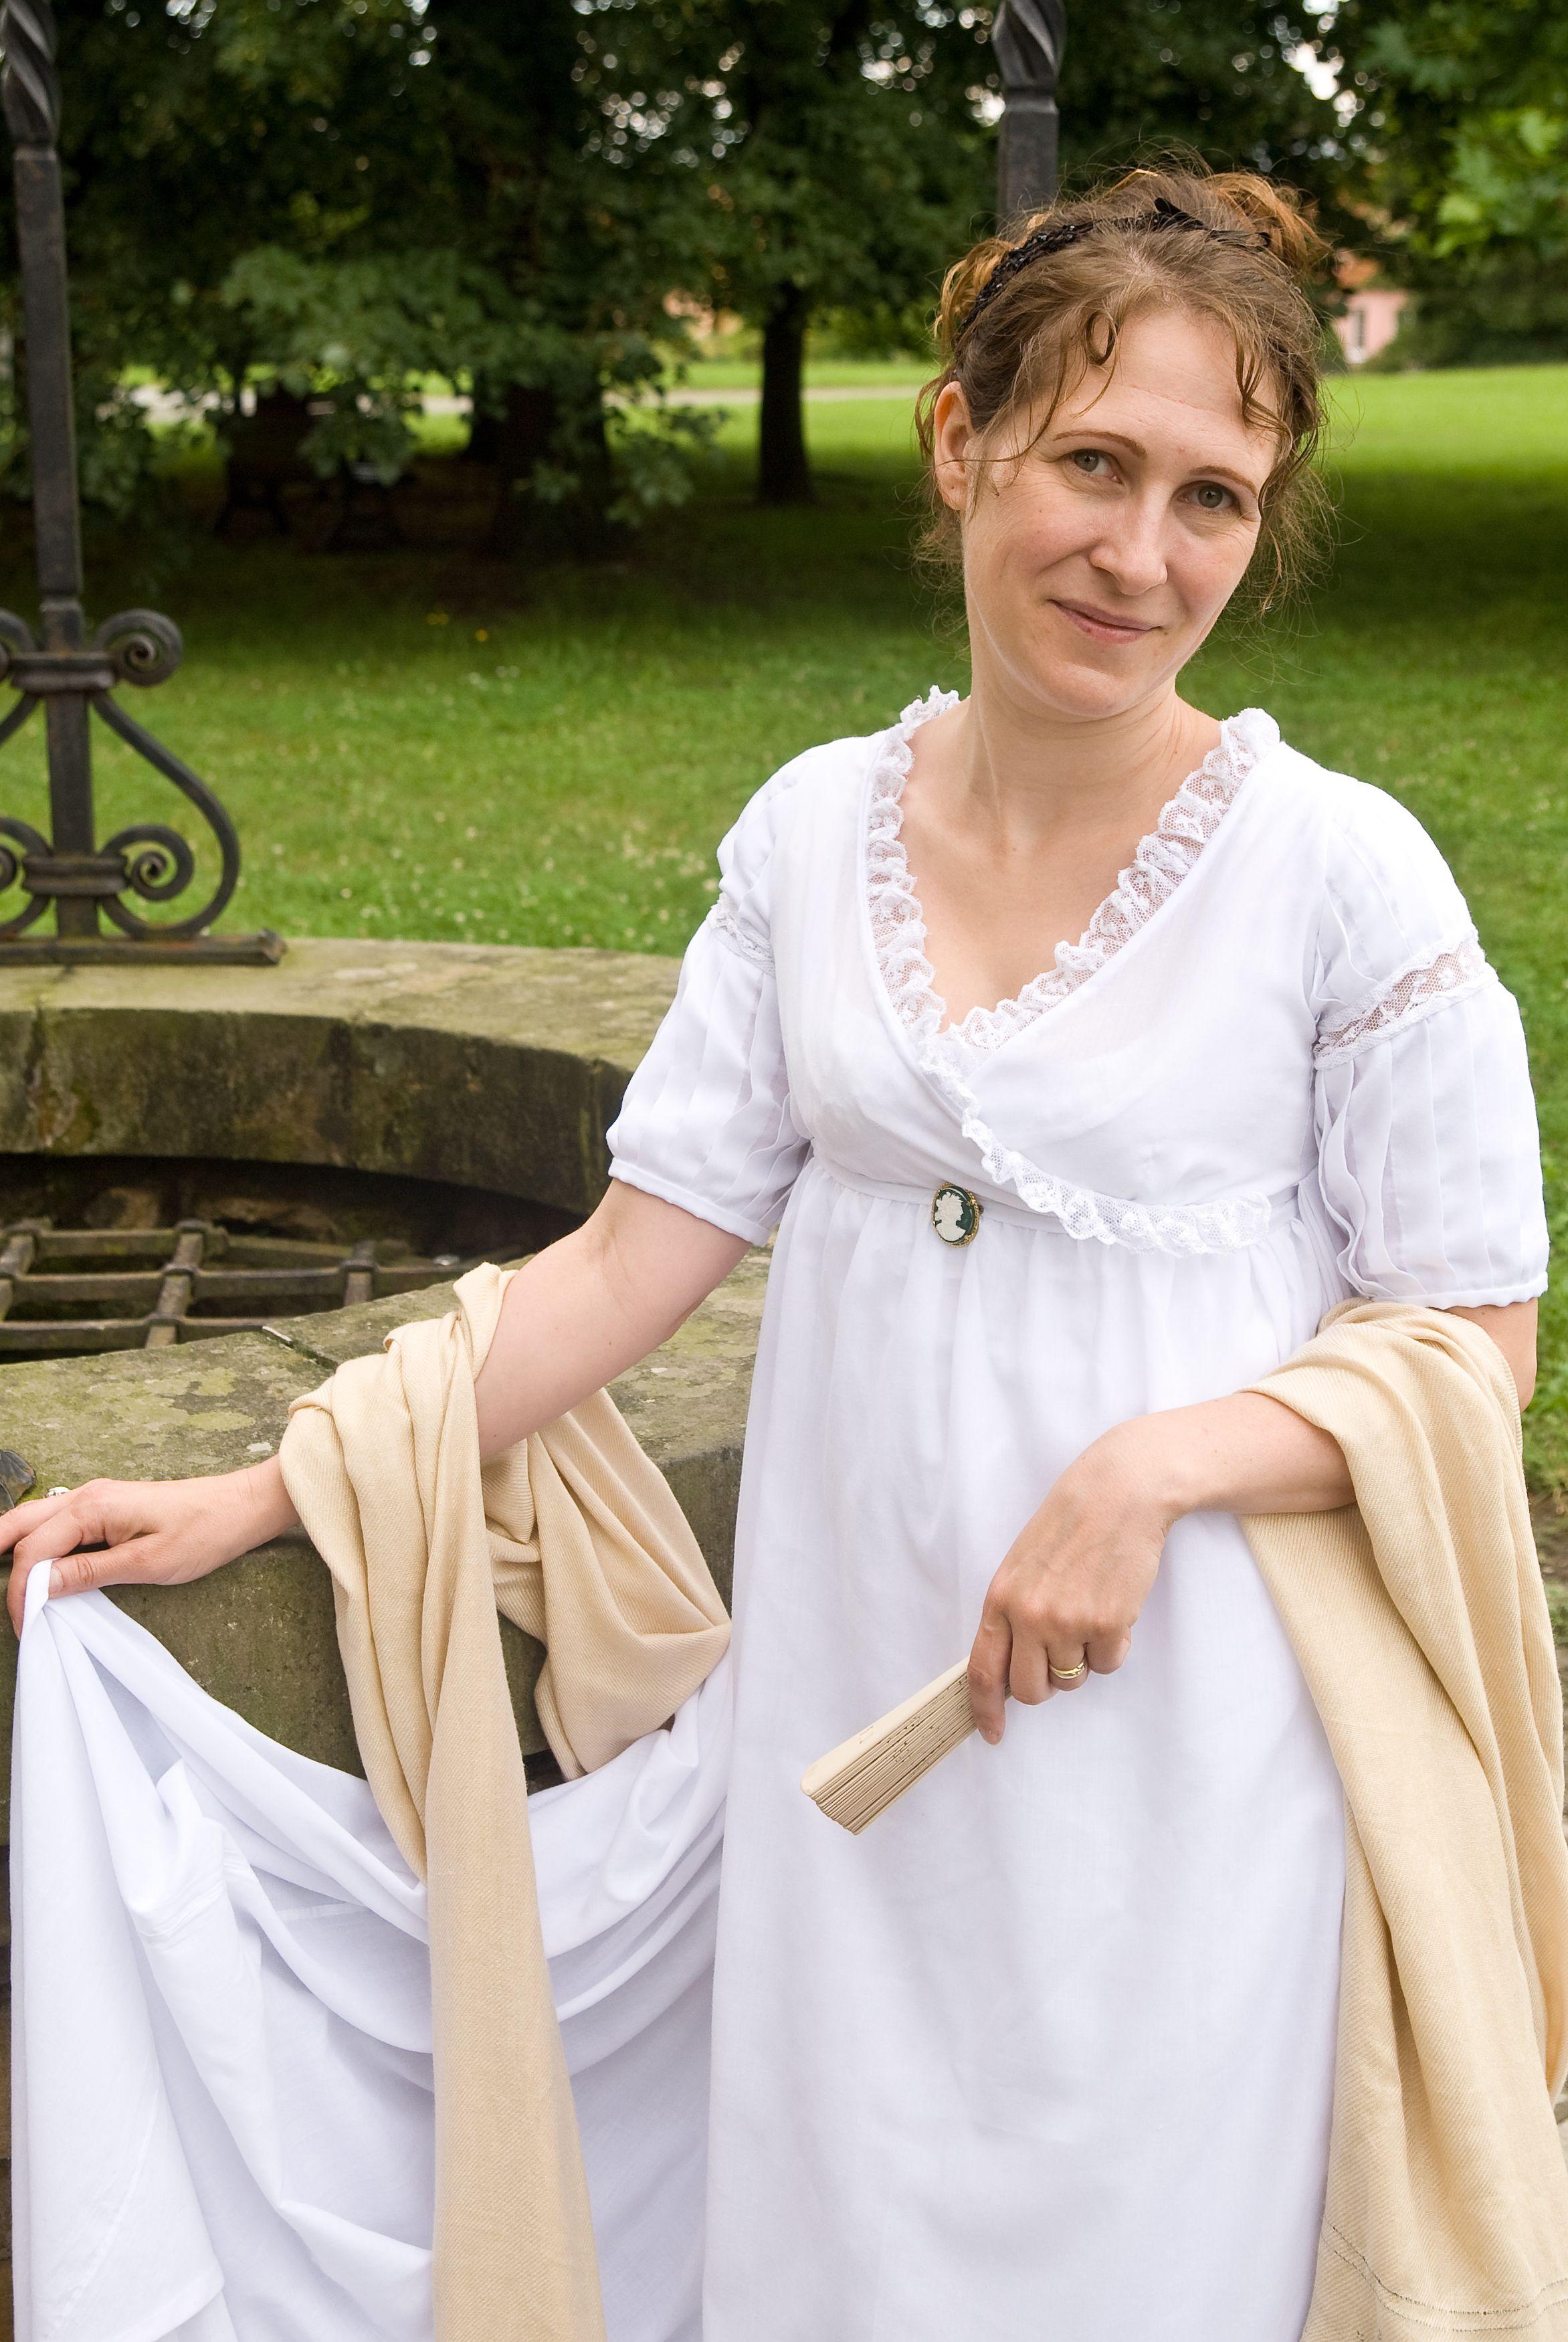 Regency fashion plate the secret dreamworld of a jane austen fan - Clothing